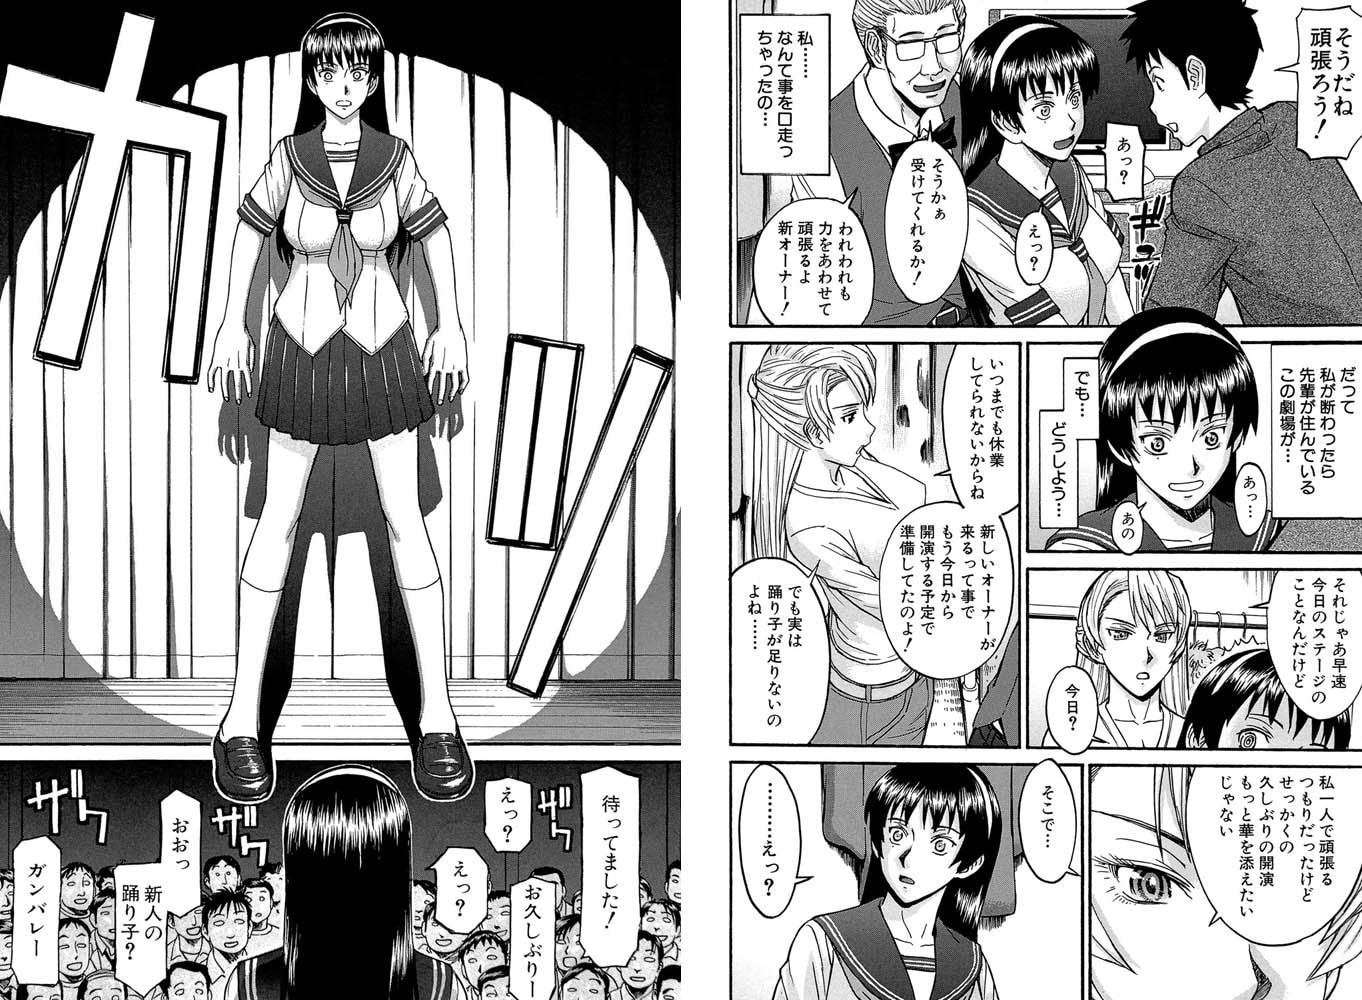 ミダラナシセン【第1話体験版付き】